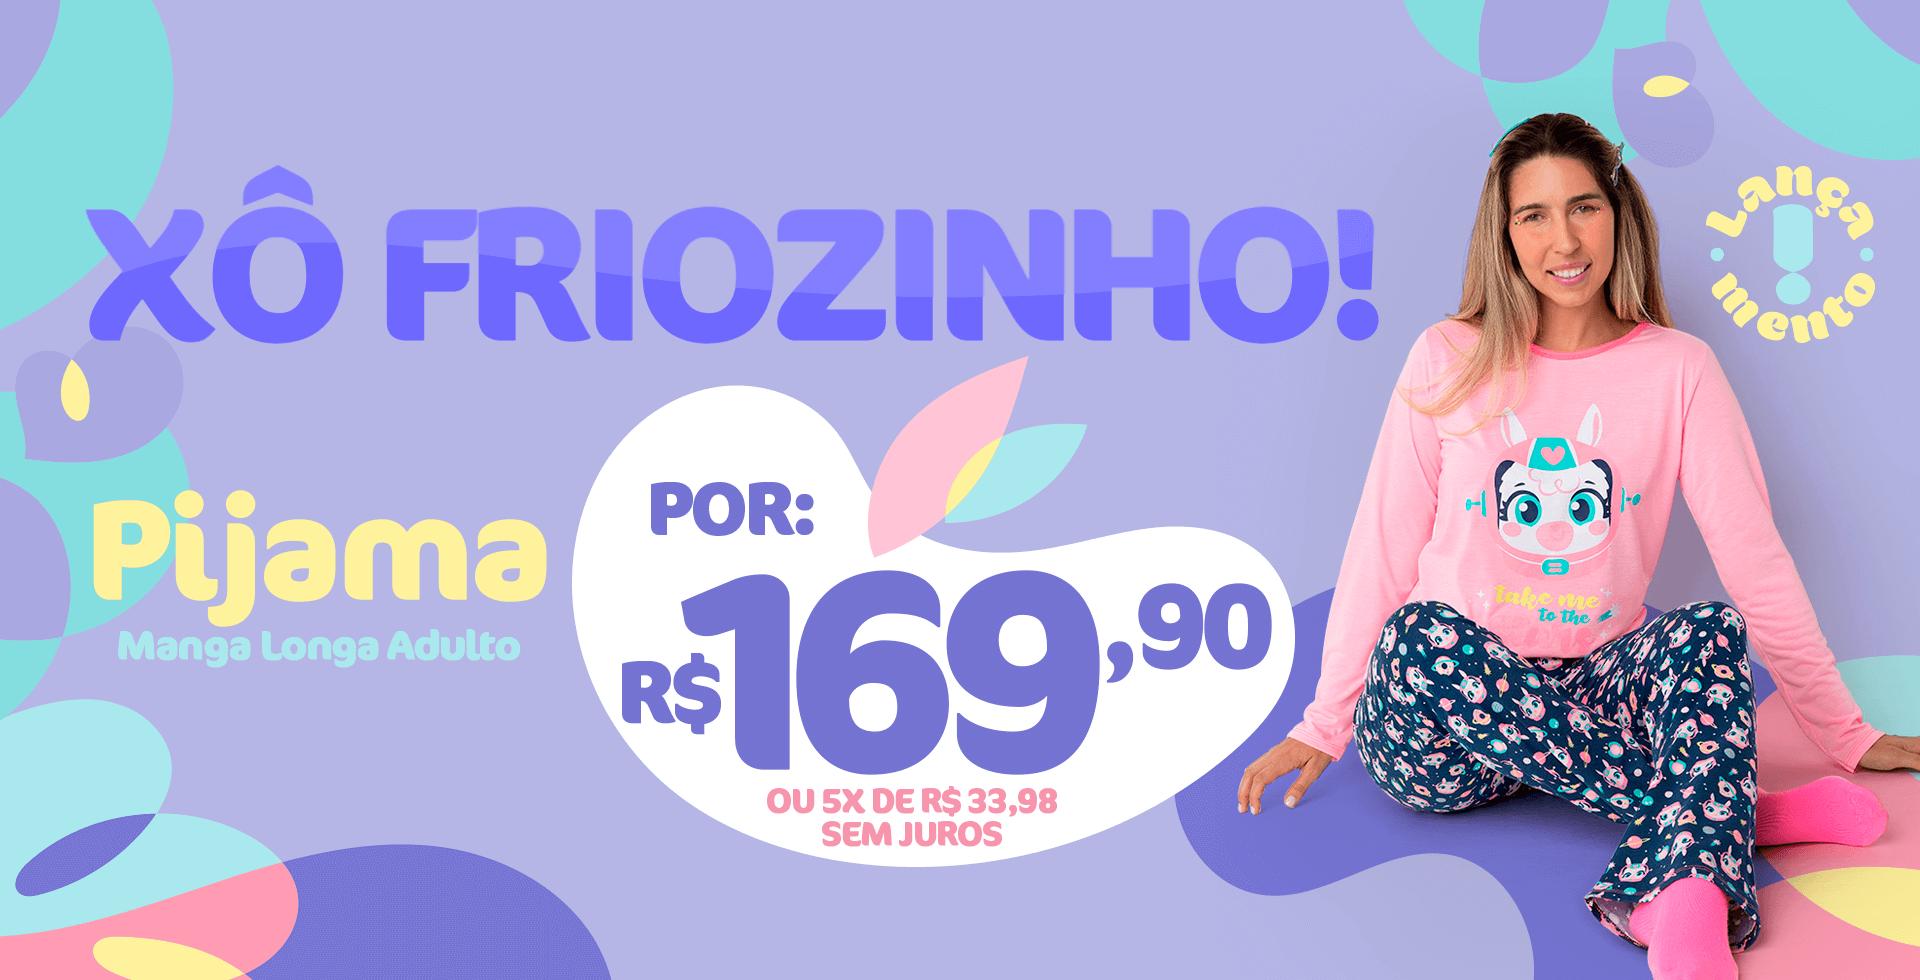 Xôoo Friozinho! Pijamas manga longa Adulto por R$ 169,90